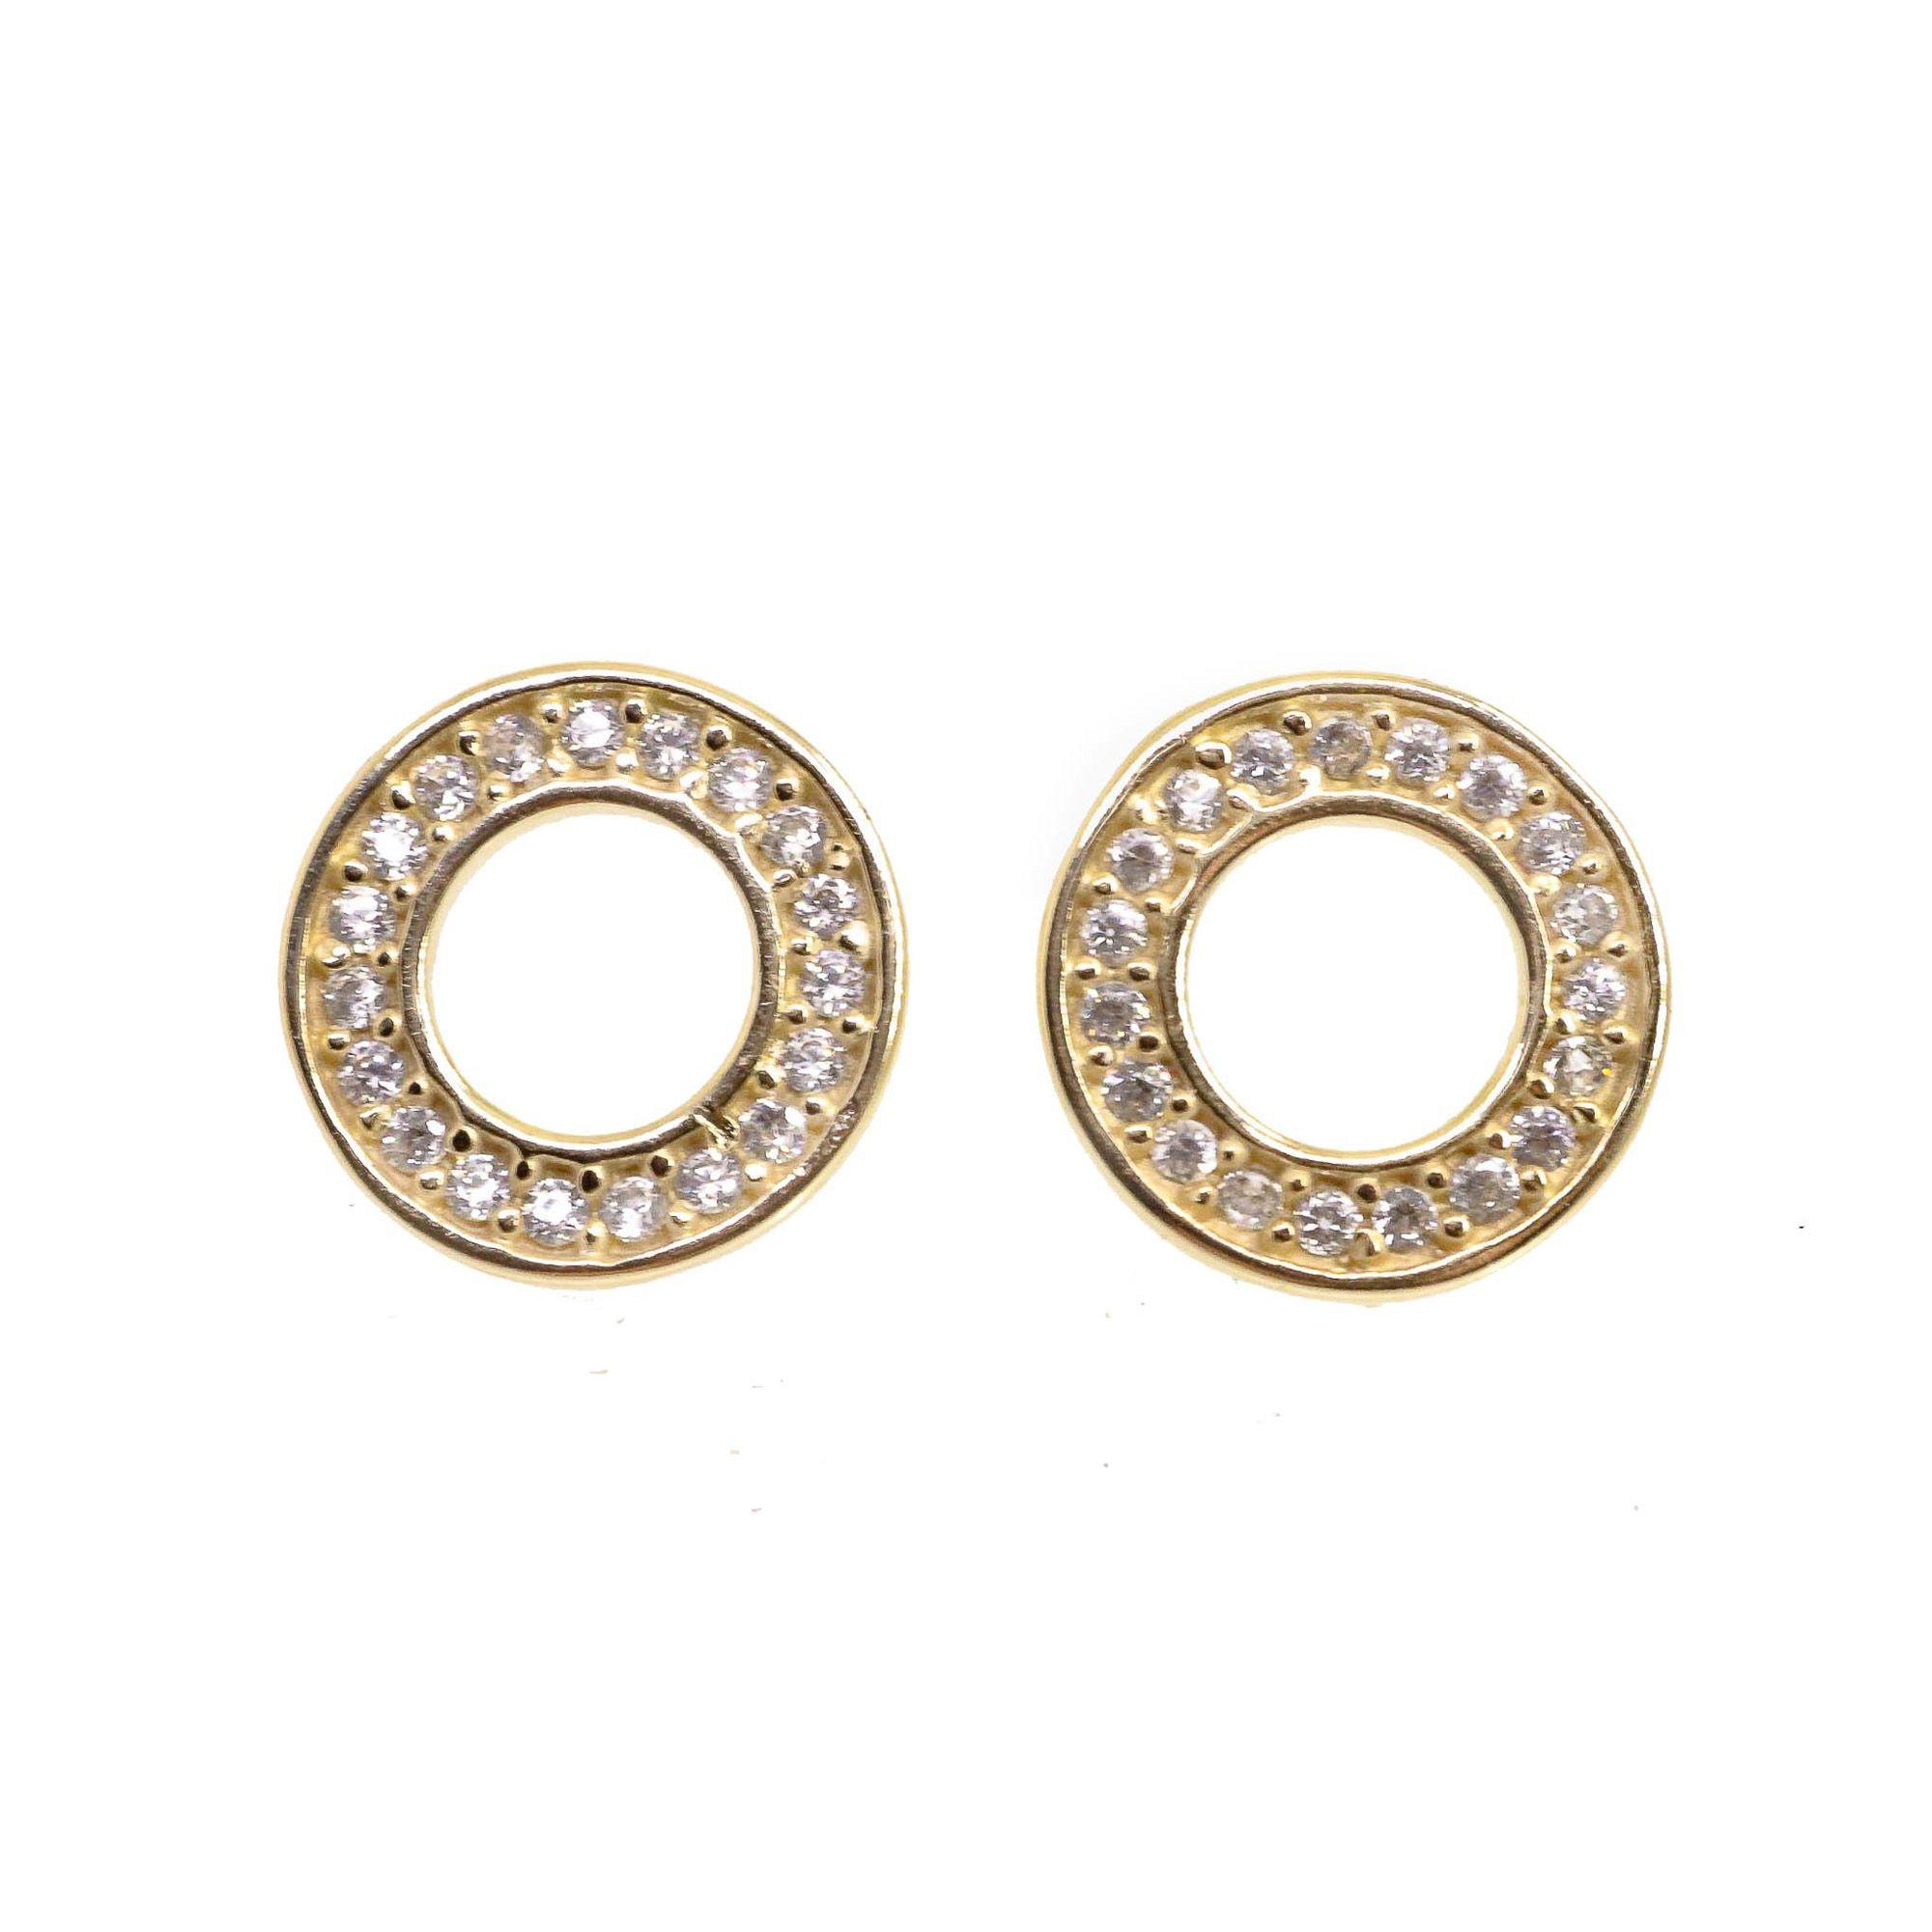 Brinco Semi joia  círculo Mimos banhado a ouro 18k ou rhodium